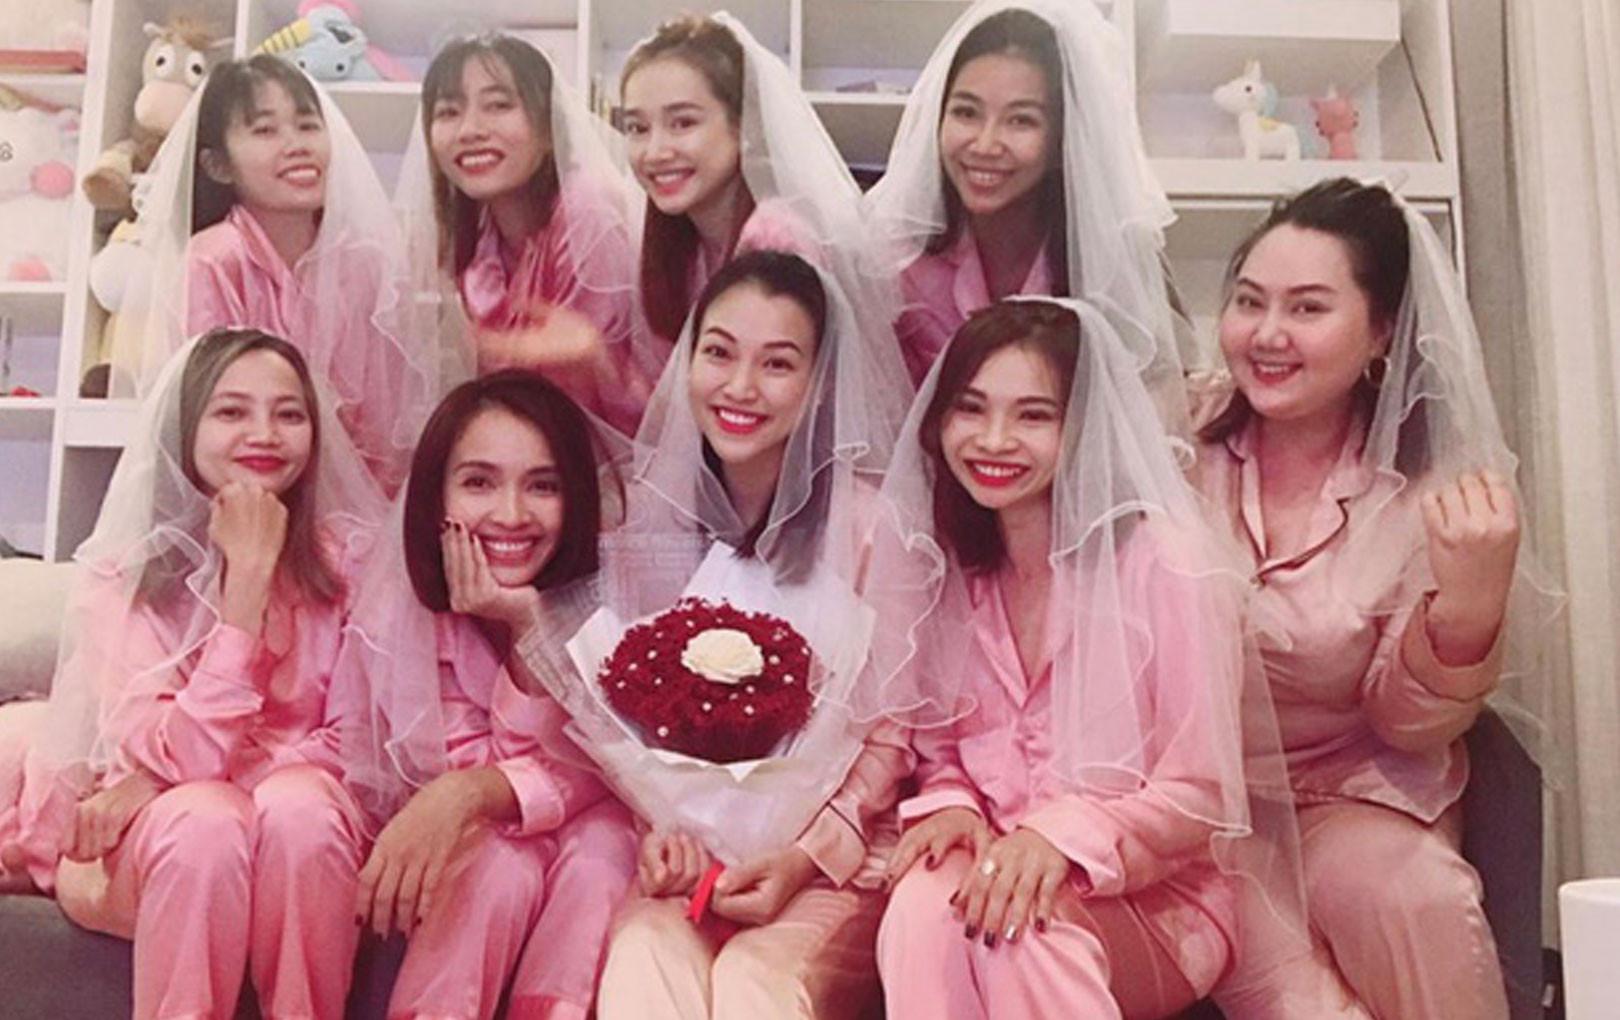 """Sắp trở thành """"vợ người ta"""", Hoàng Oanh tranh thủ tụ tập làm tiệc chia tay độc thân với Nhã Phương và hội chị em"""